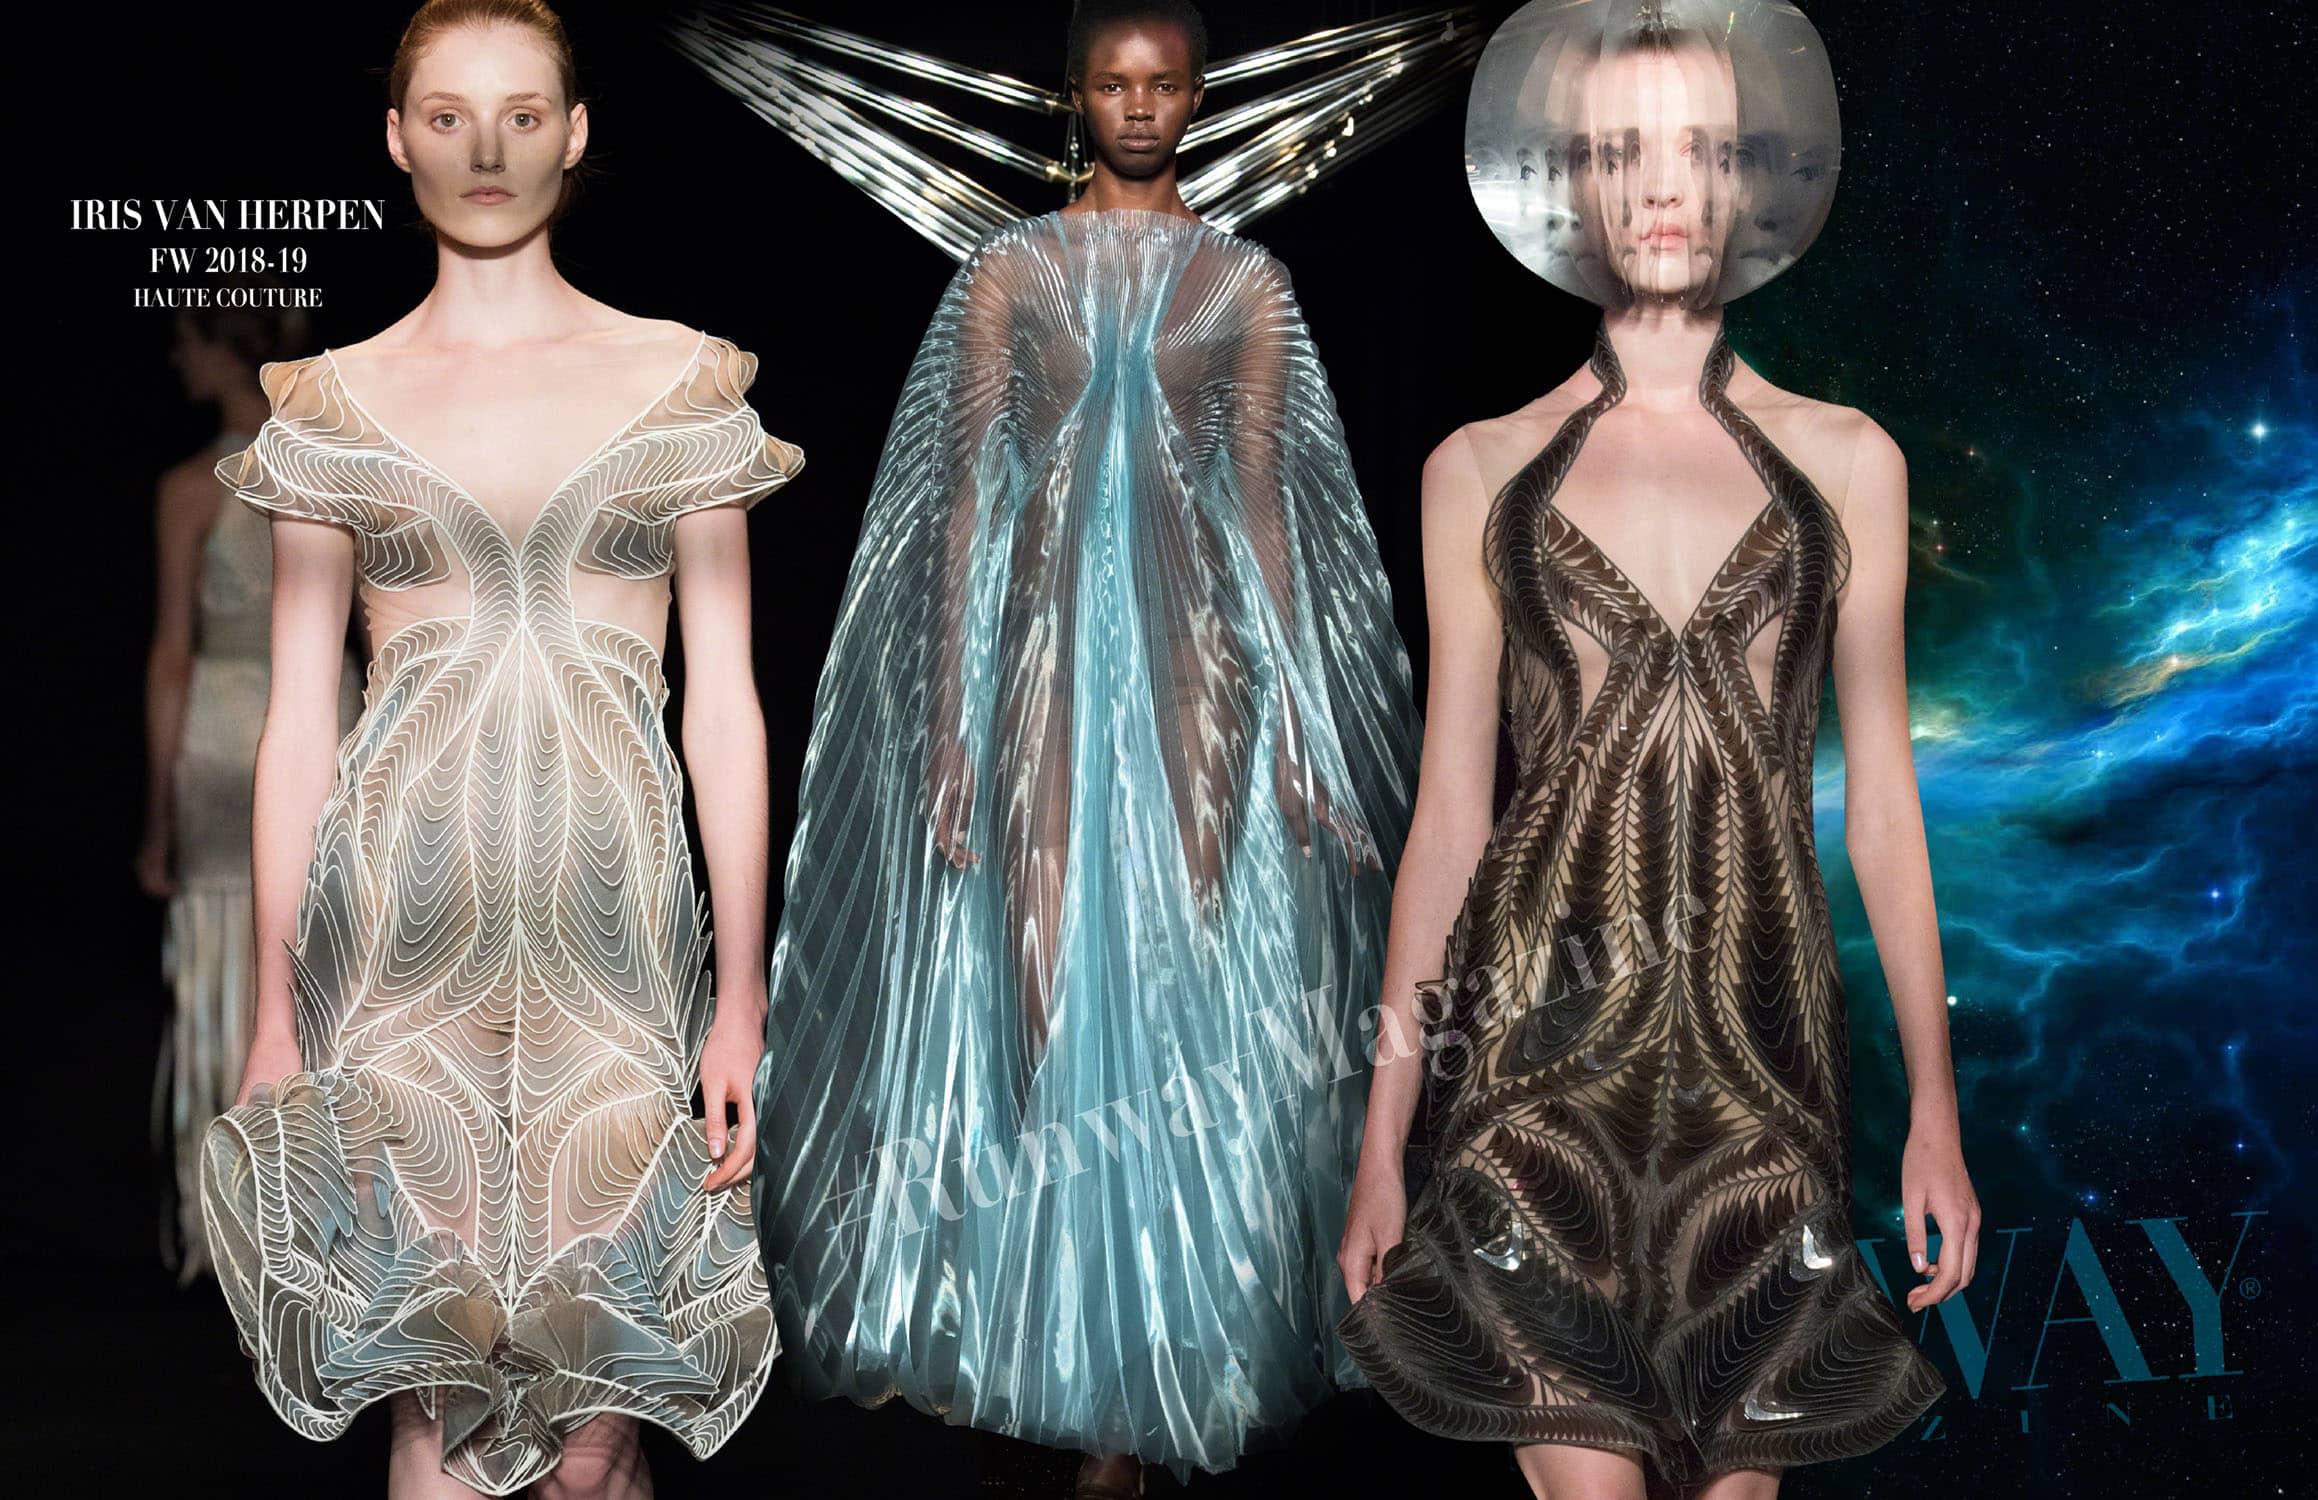 Iris van Herpen Haute Couture Осень-Зима 2018-19 Неделя моды в Париже, автор: RUNWAY ЖУРНАЛ